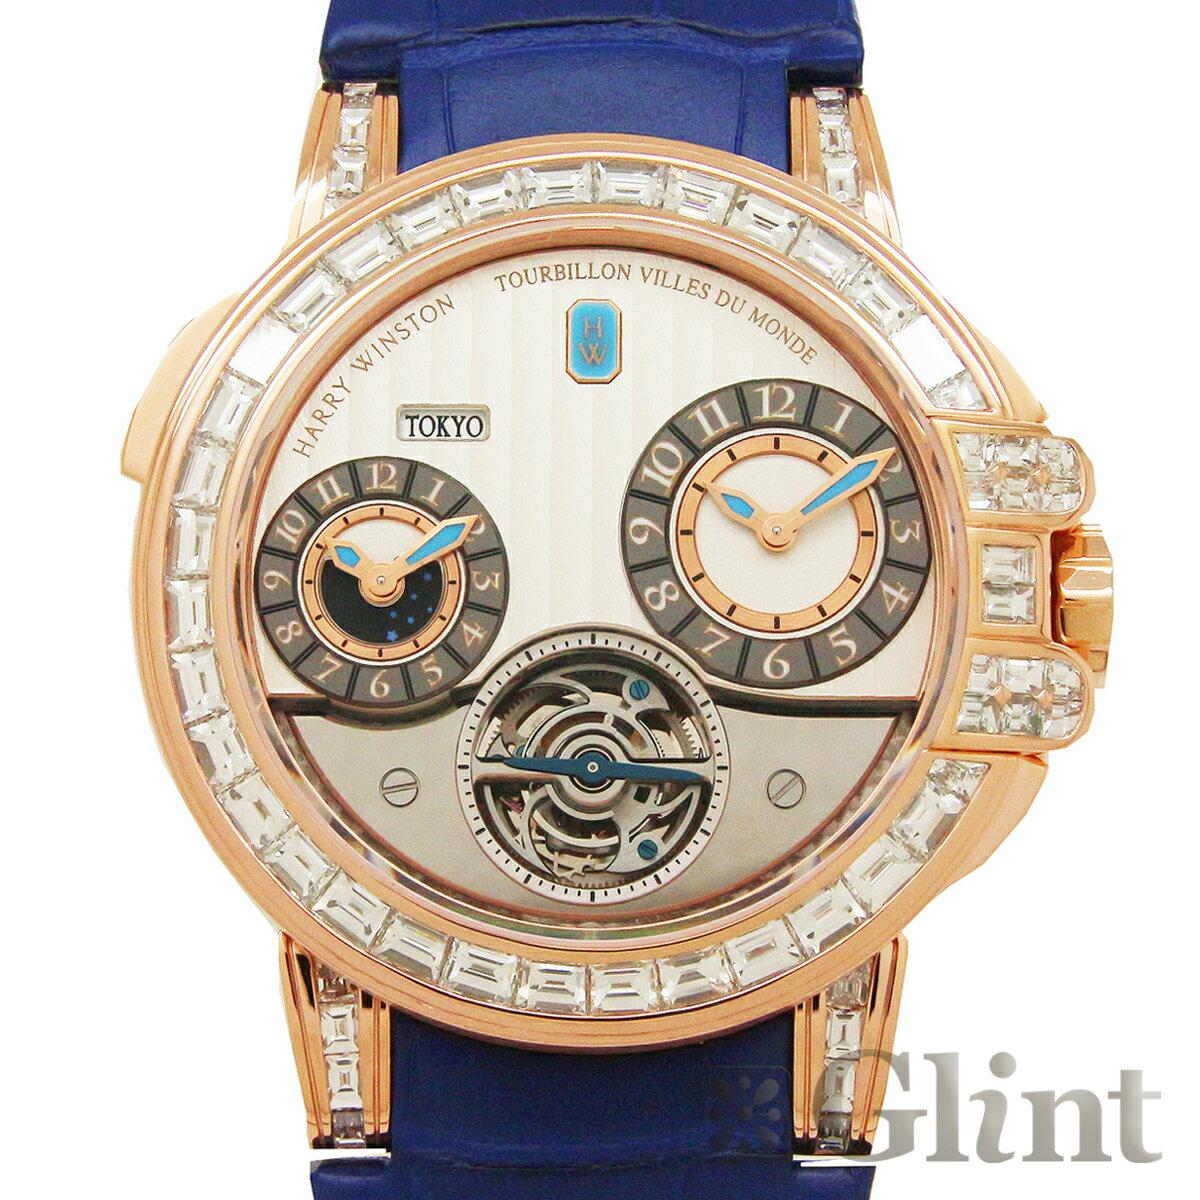 ハリーウィンストン【HARRYWINSTON】オーシャン GMT ワールドタイム トゥールビヨン バゲットダイヤモンド 世界限定10本仕様 400/MATTZ45R〔腕時計〕〔メンズ〕【中古】